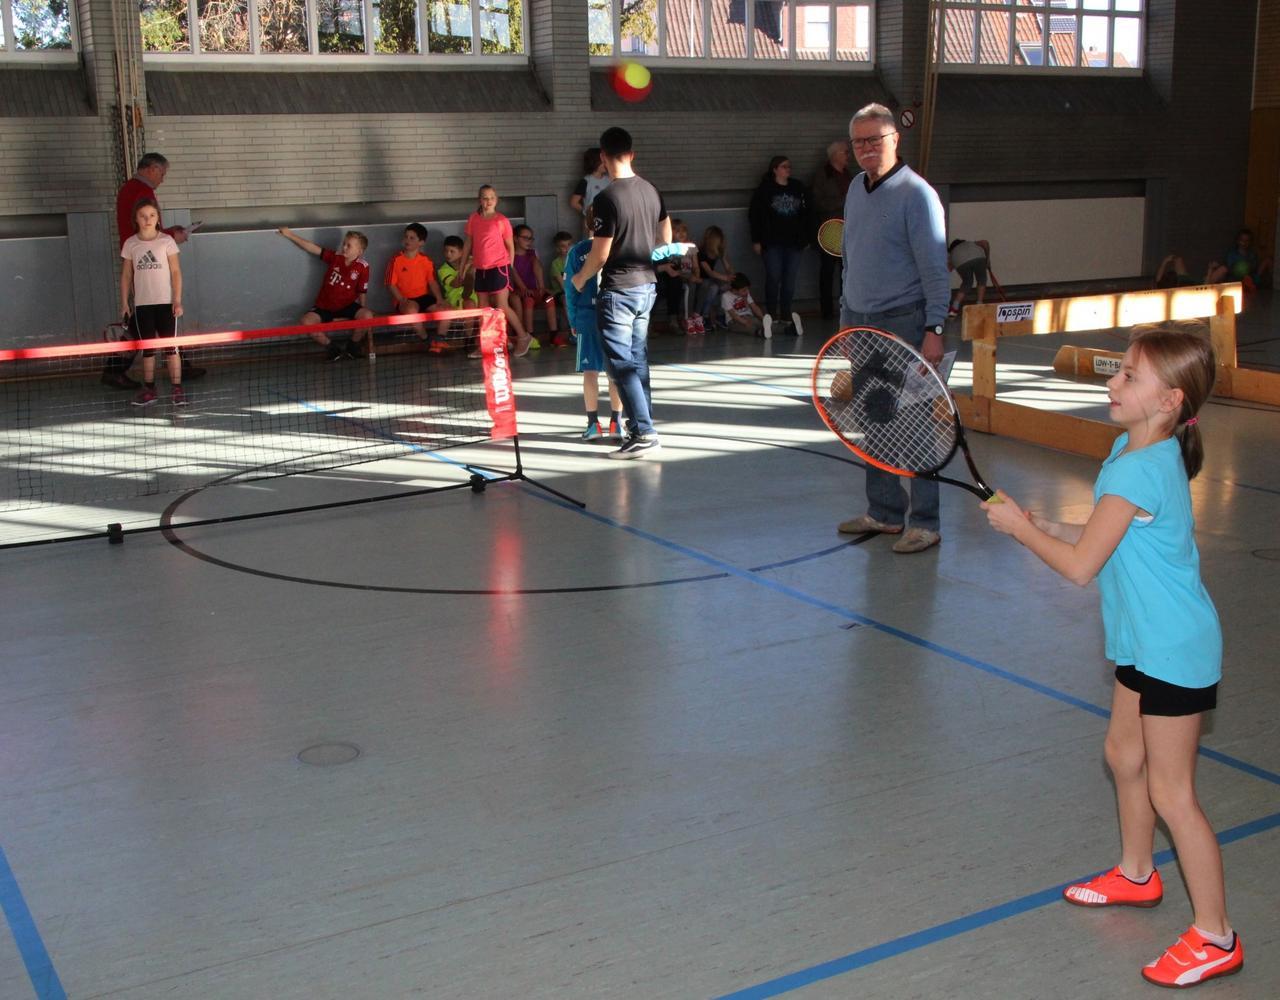 Schultenniscup in der Kurt Klay Grundschule